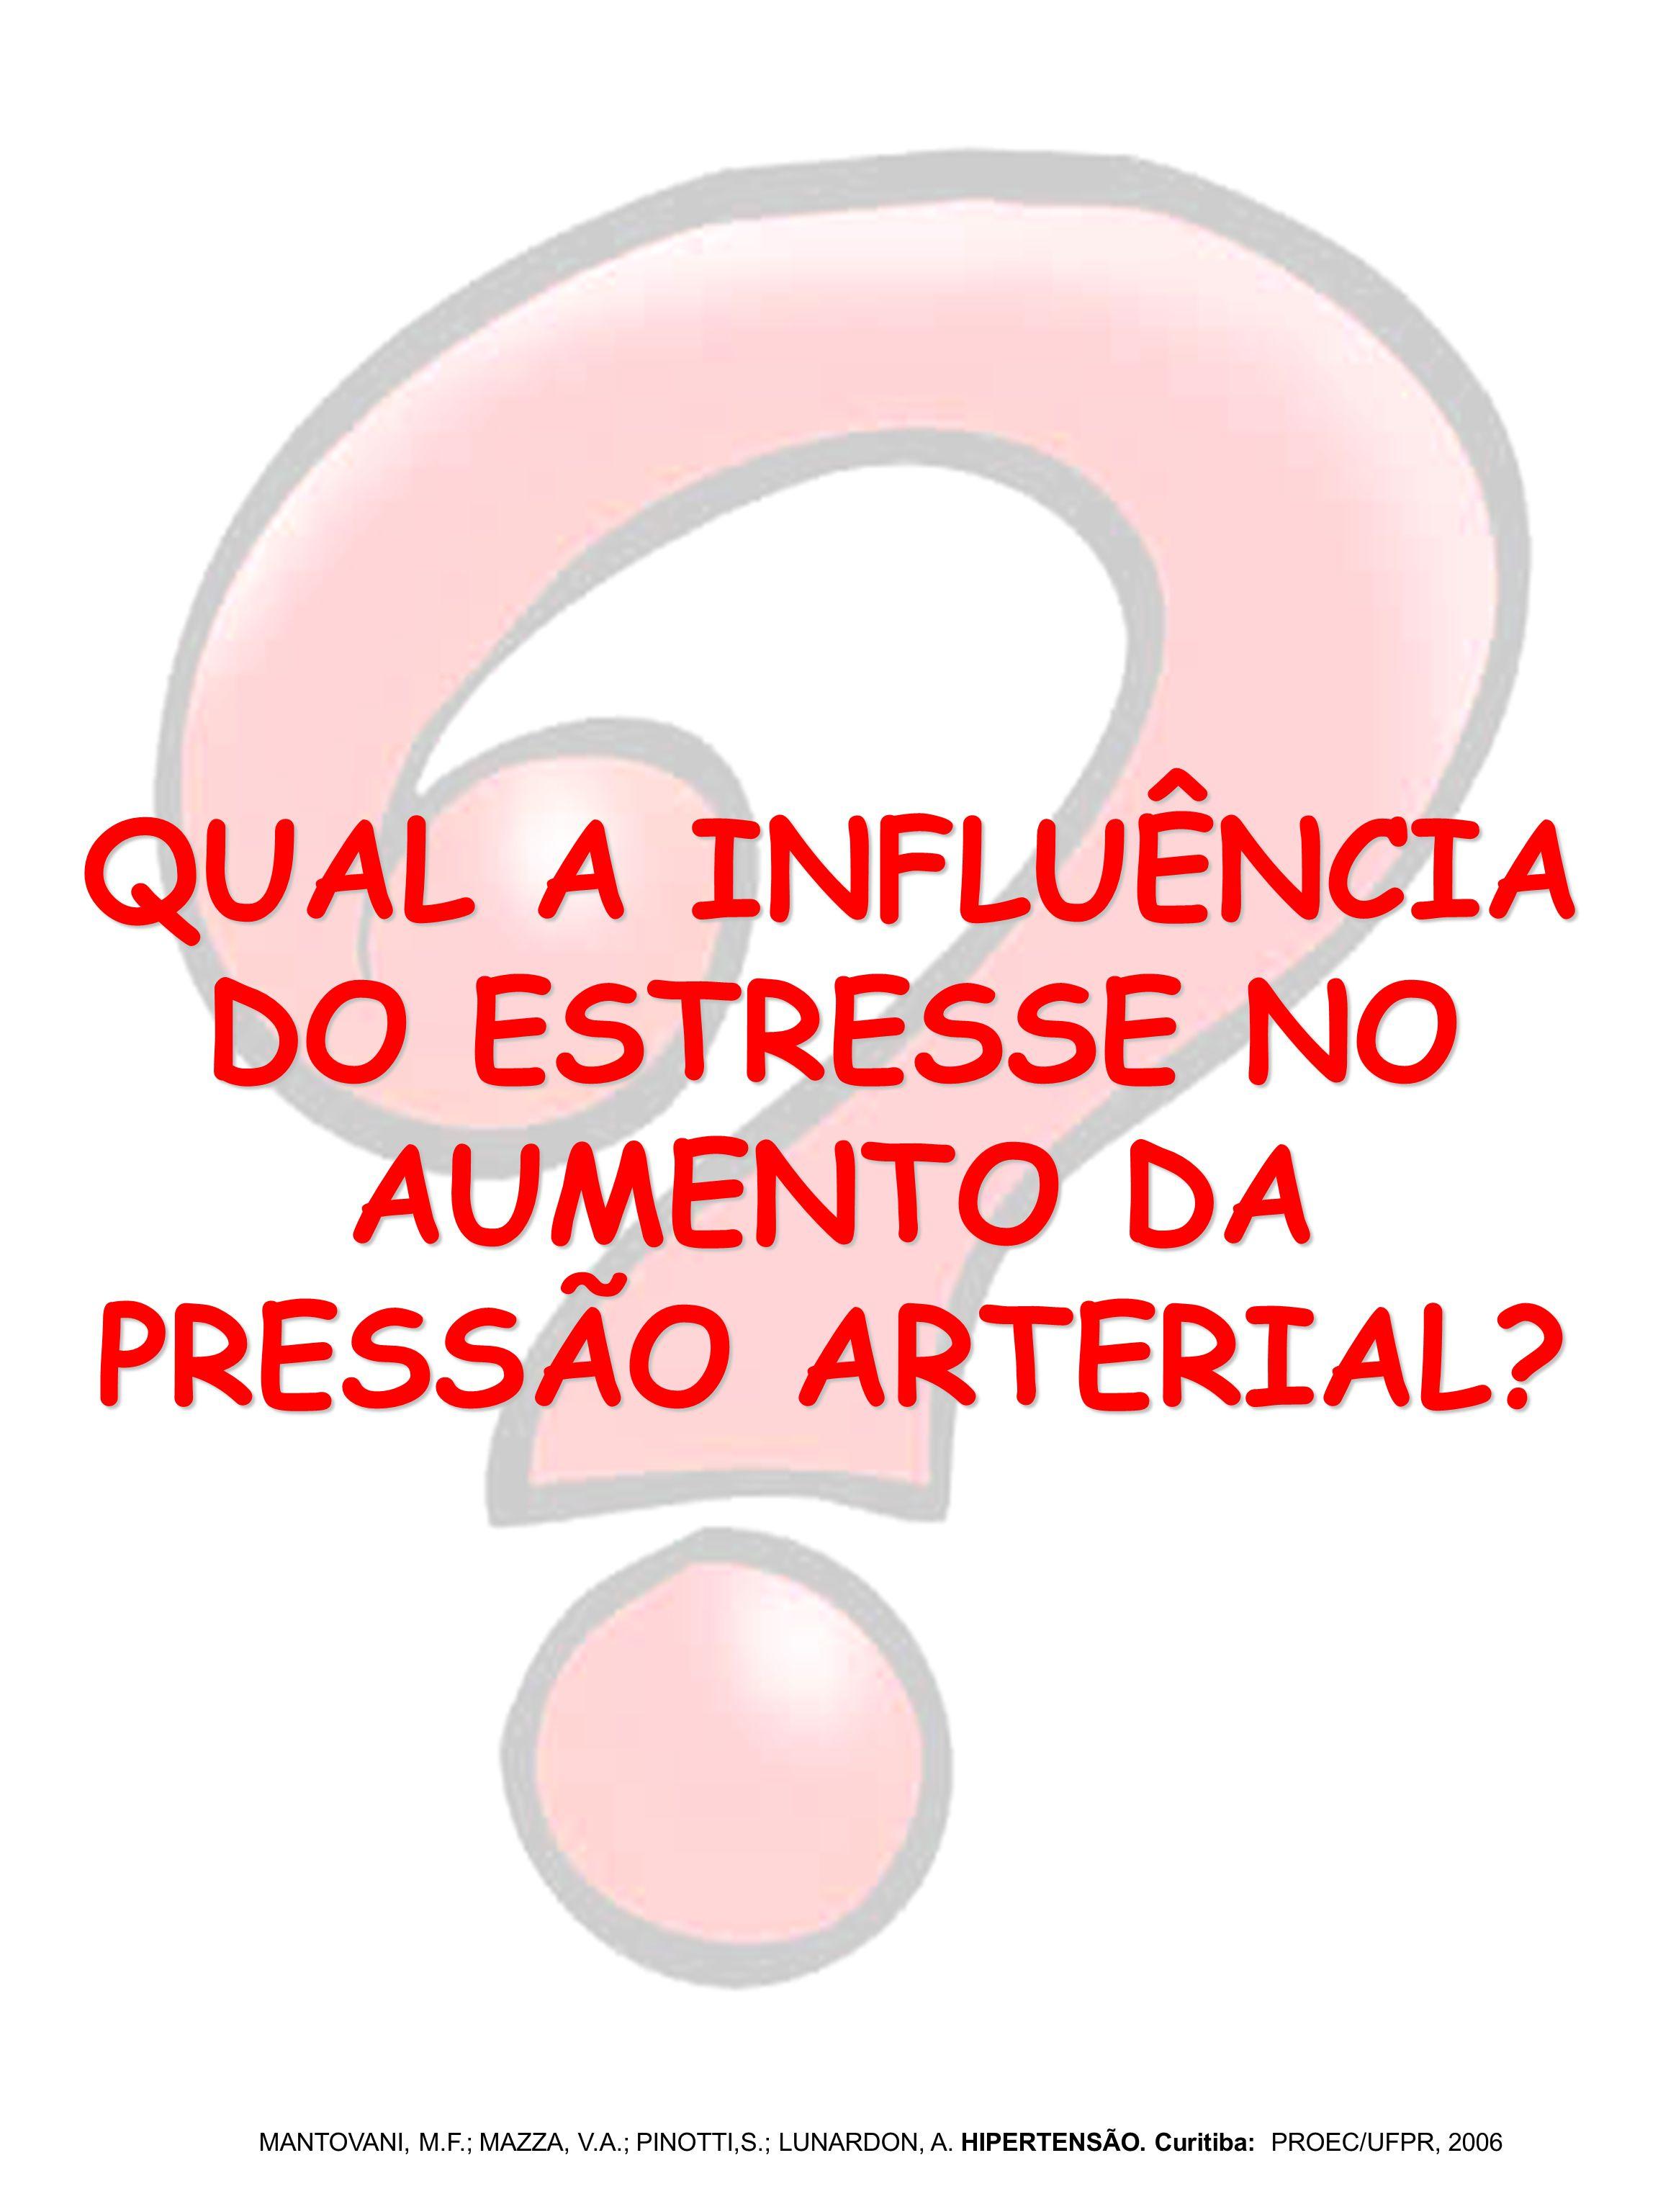 QUAL A INFLUÊNCIA DO ESTRESSE NO AUMENTO DA PRESSÃO ARTERIAL? MANTOVANI, M.F.; MAZZA, V.A.; PINOTTI,S.; LUNARDON, A. HIPERTENSÃO. Curitiba: PROEC/UFPR